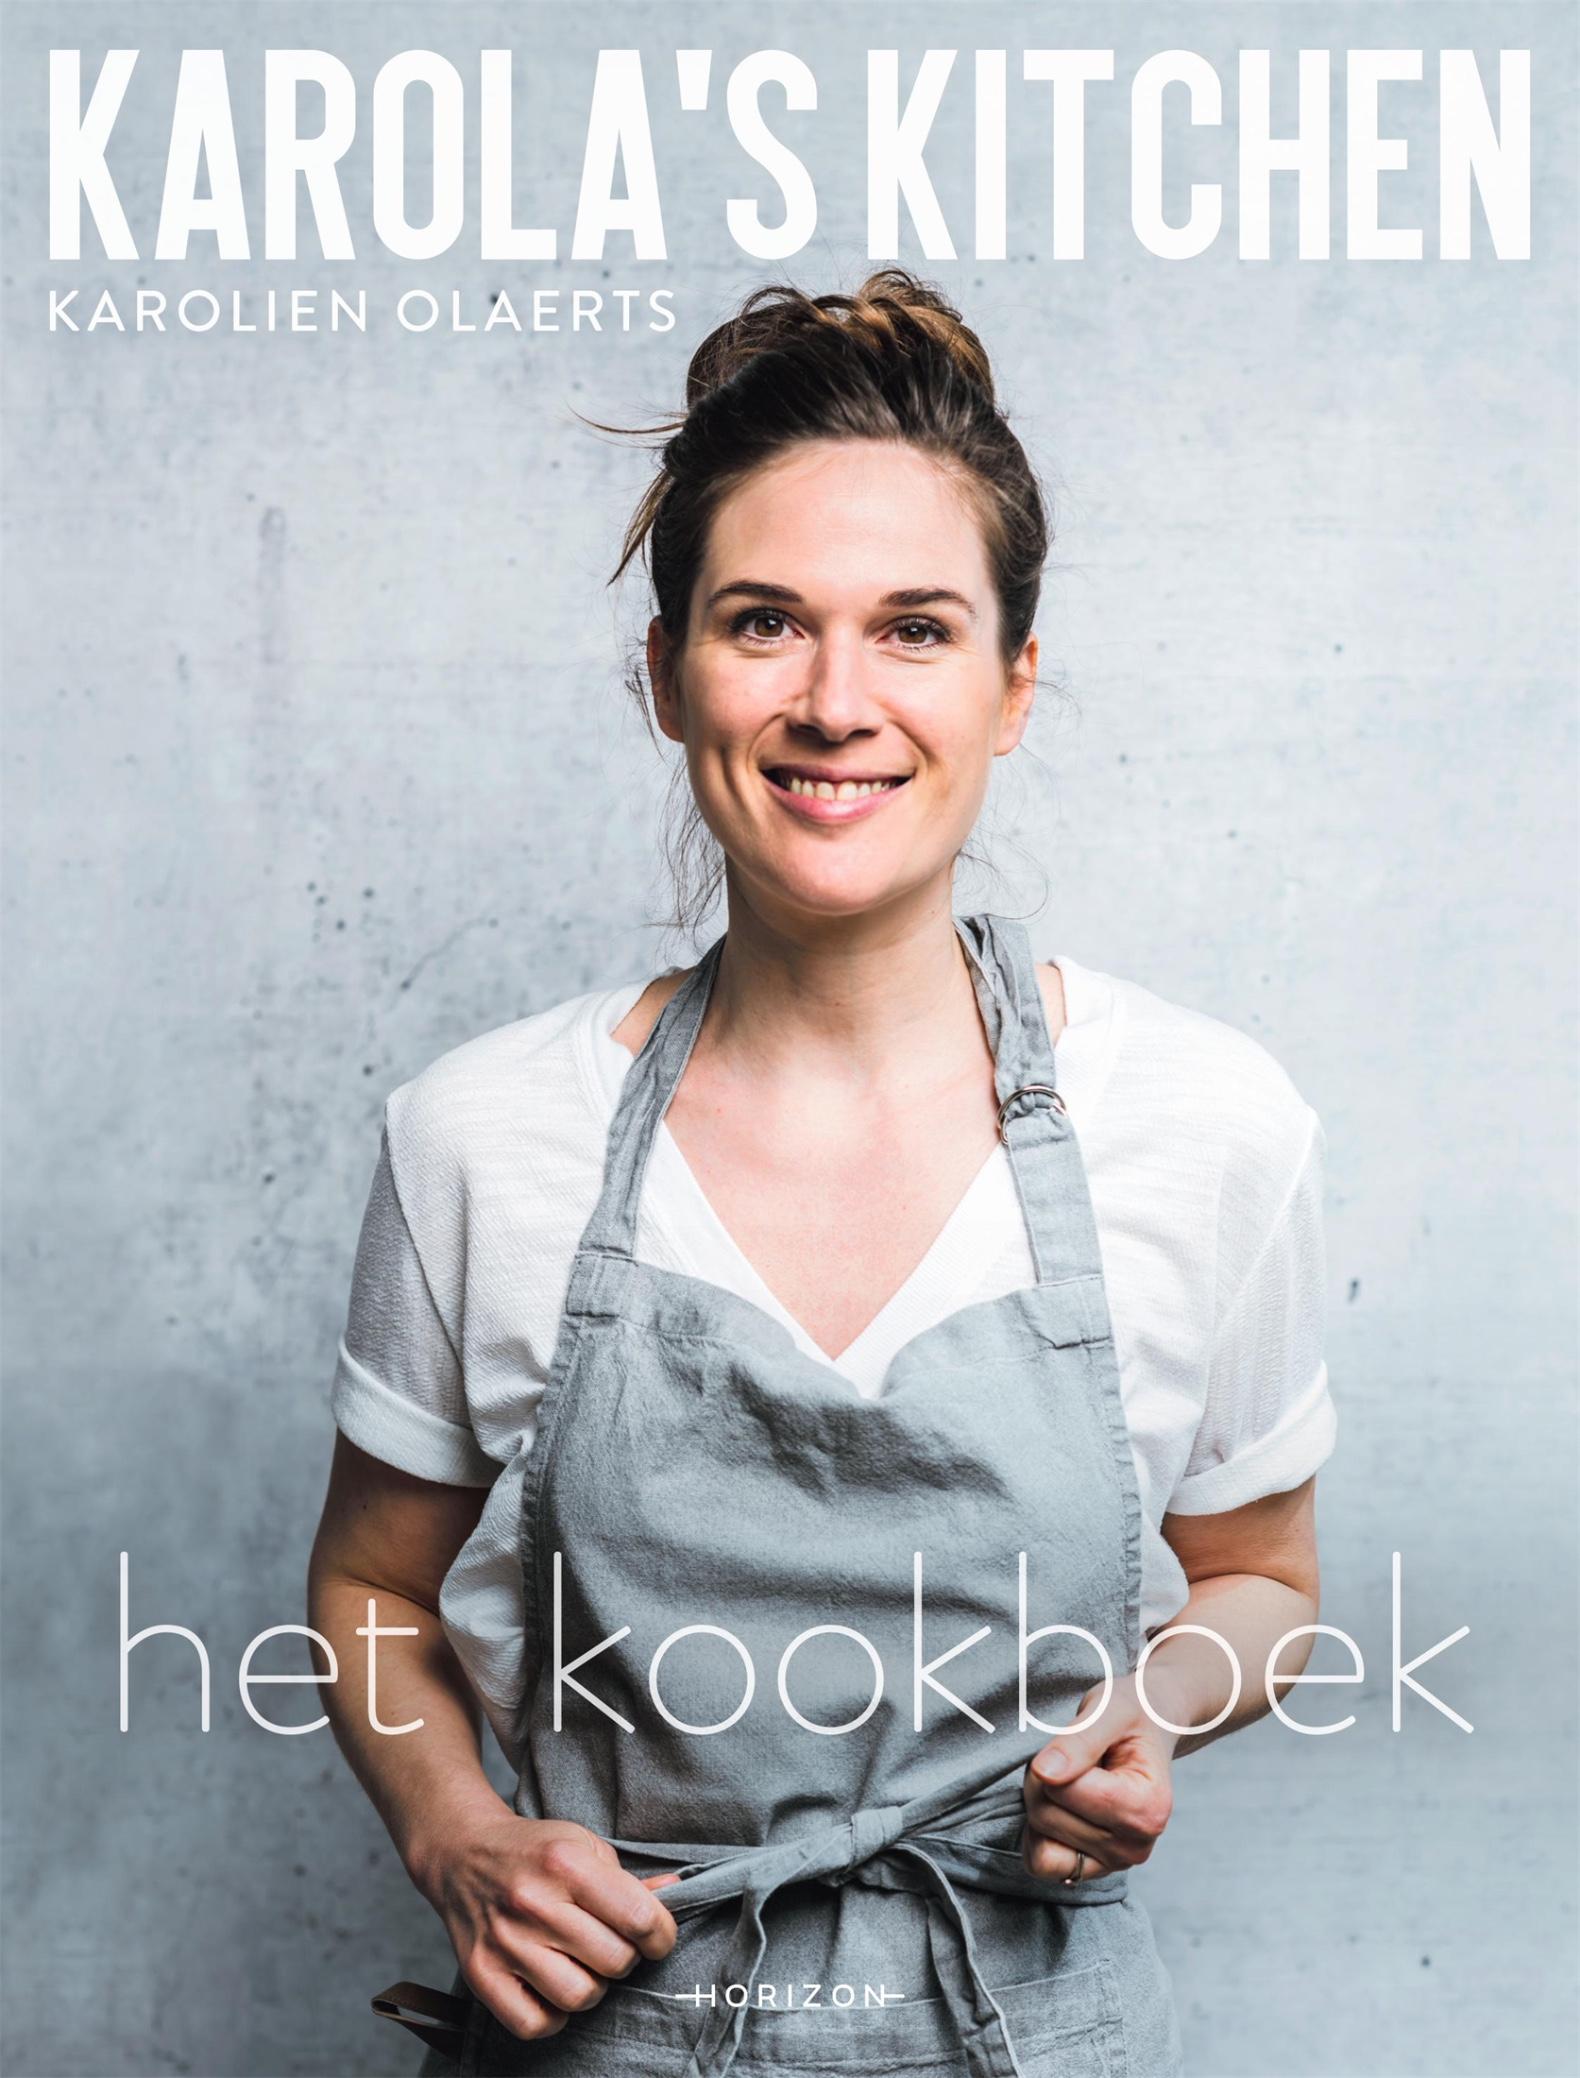 Karolas Kitchen - het kookboek - boekenflits